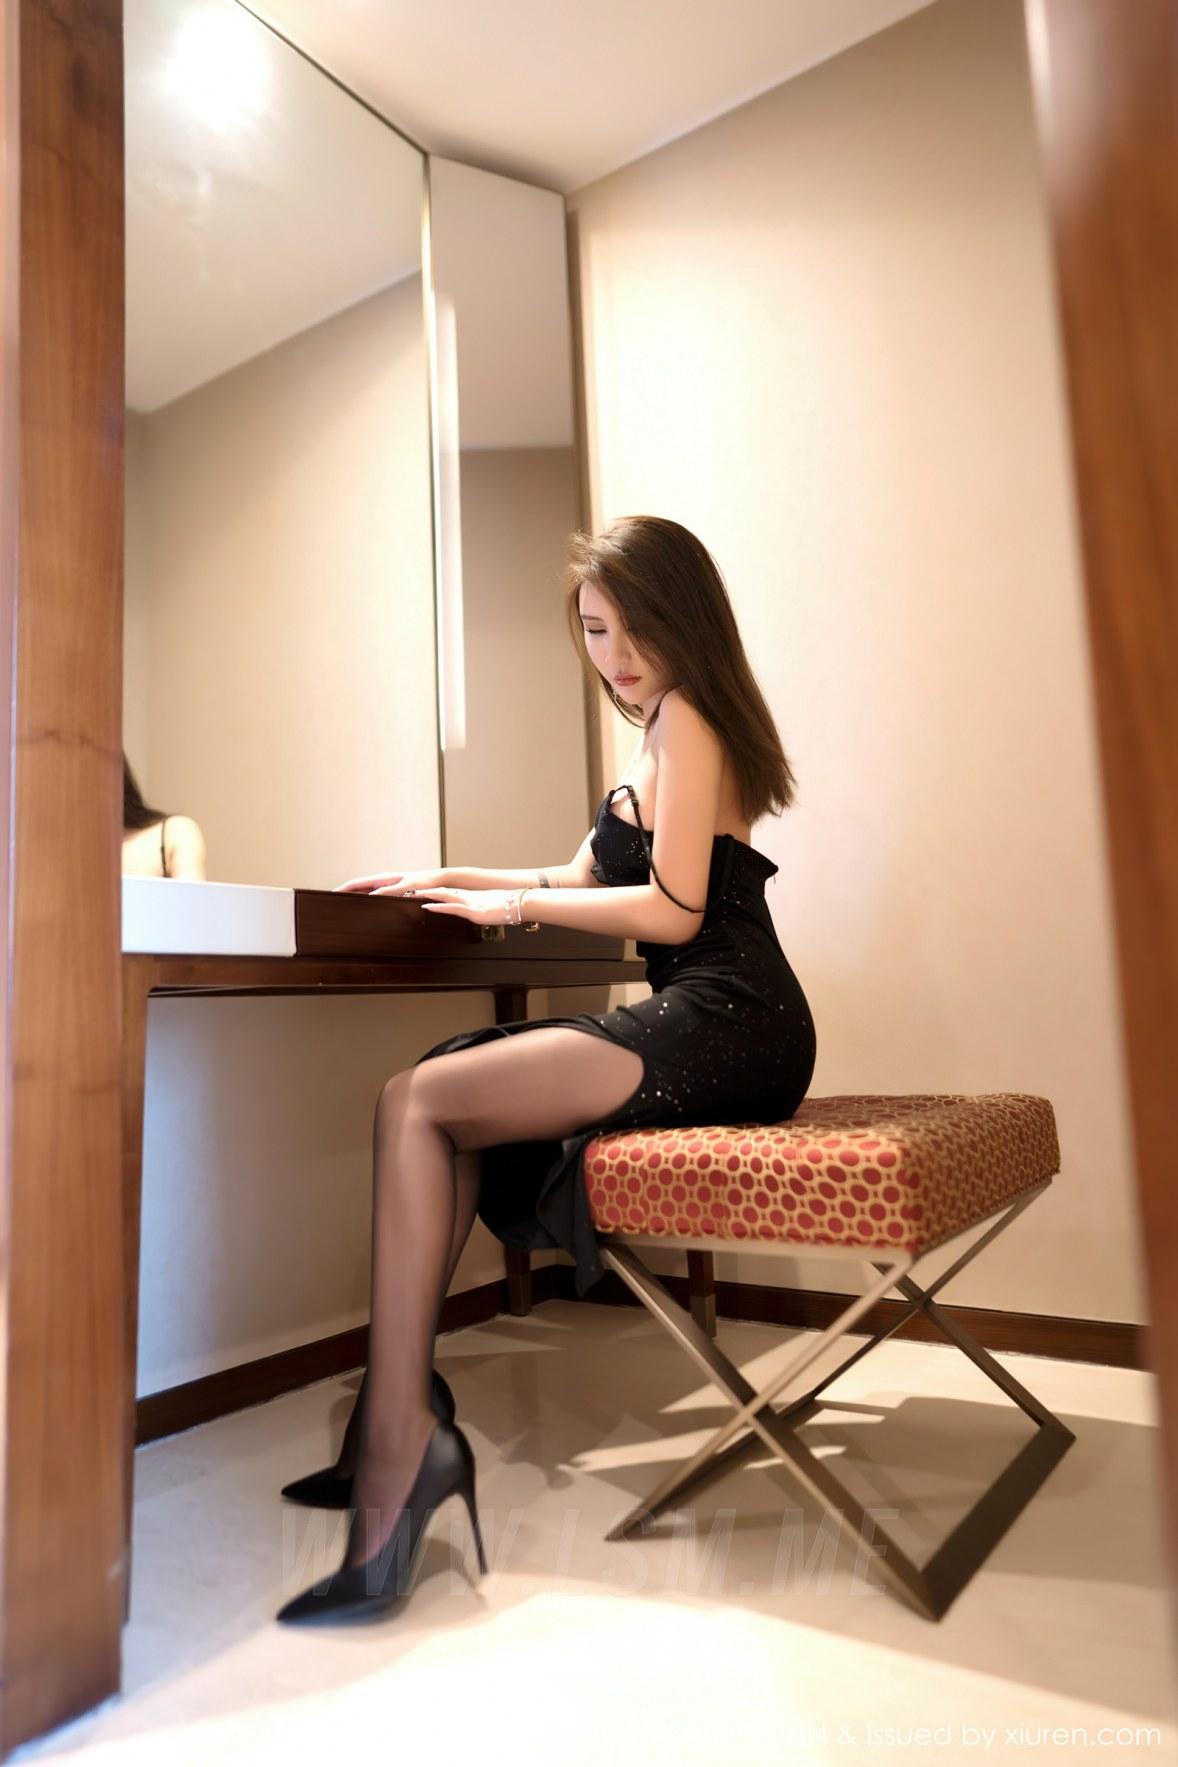 FeiLin 嗲囡囡 Vol.401 妩媚黑色吊裙 Emily尹菲 性感写真 - 3